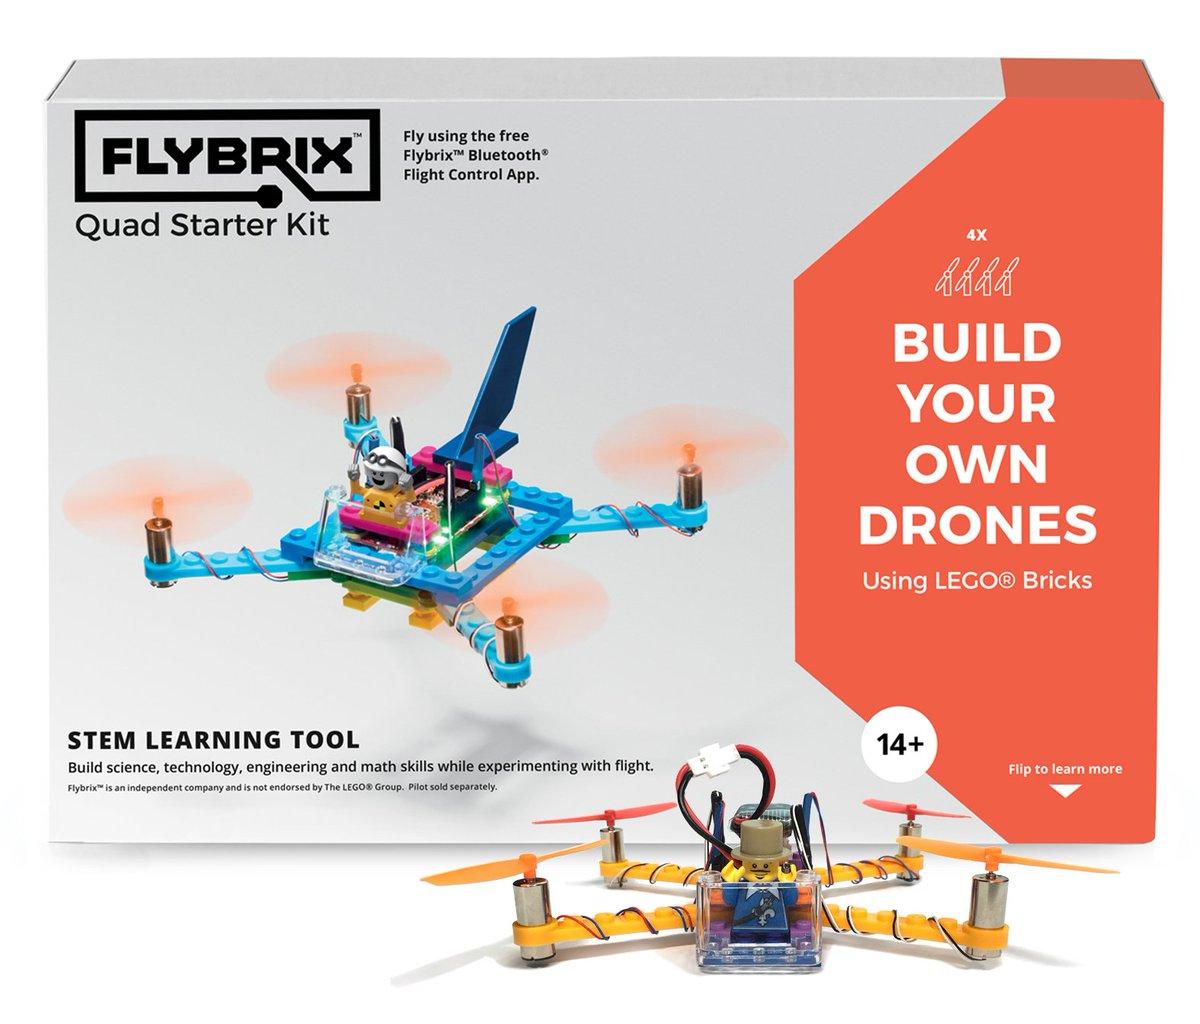 Flybrix on Twitter: